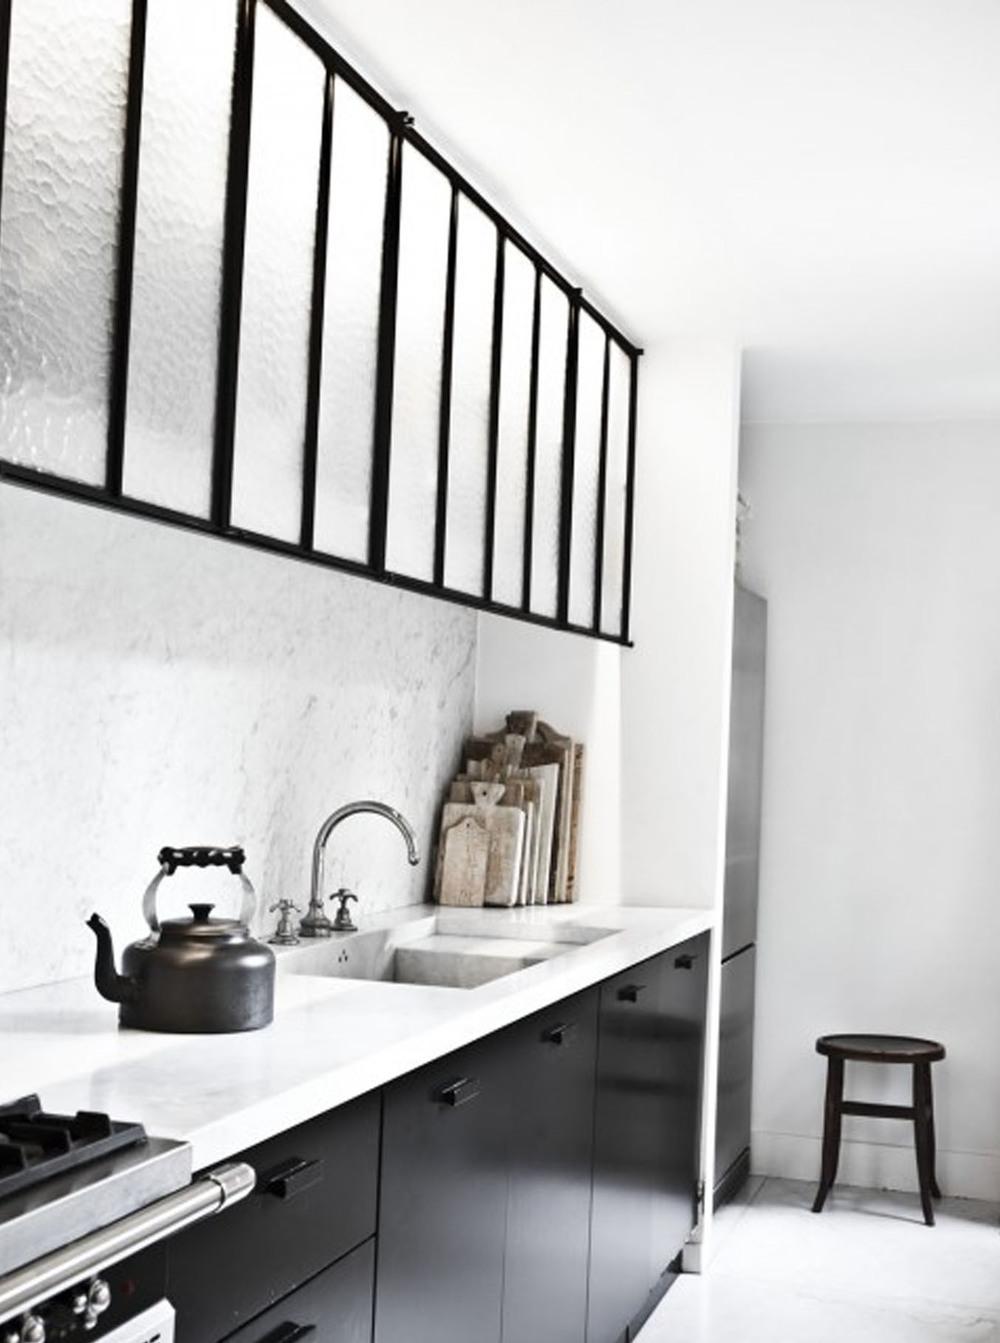 antwerp_kitchen.jpg